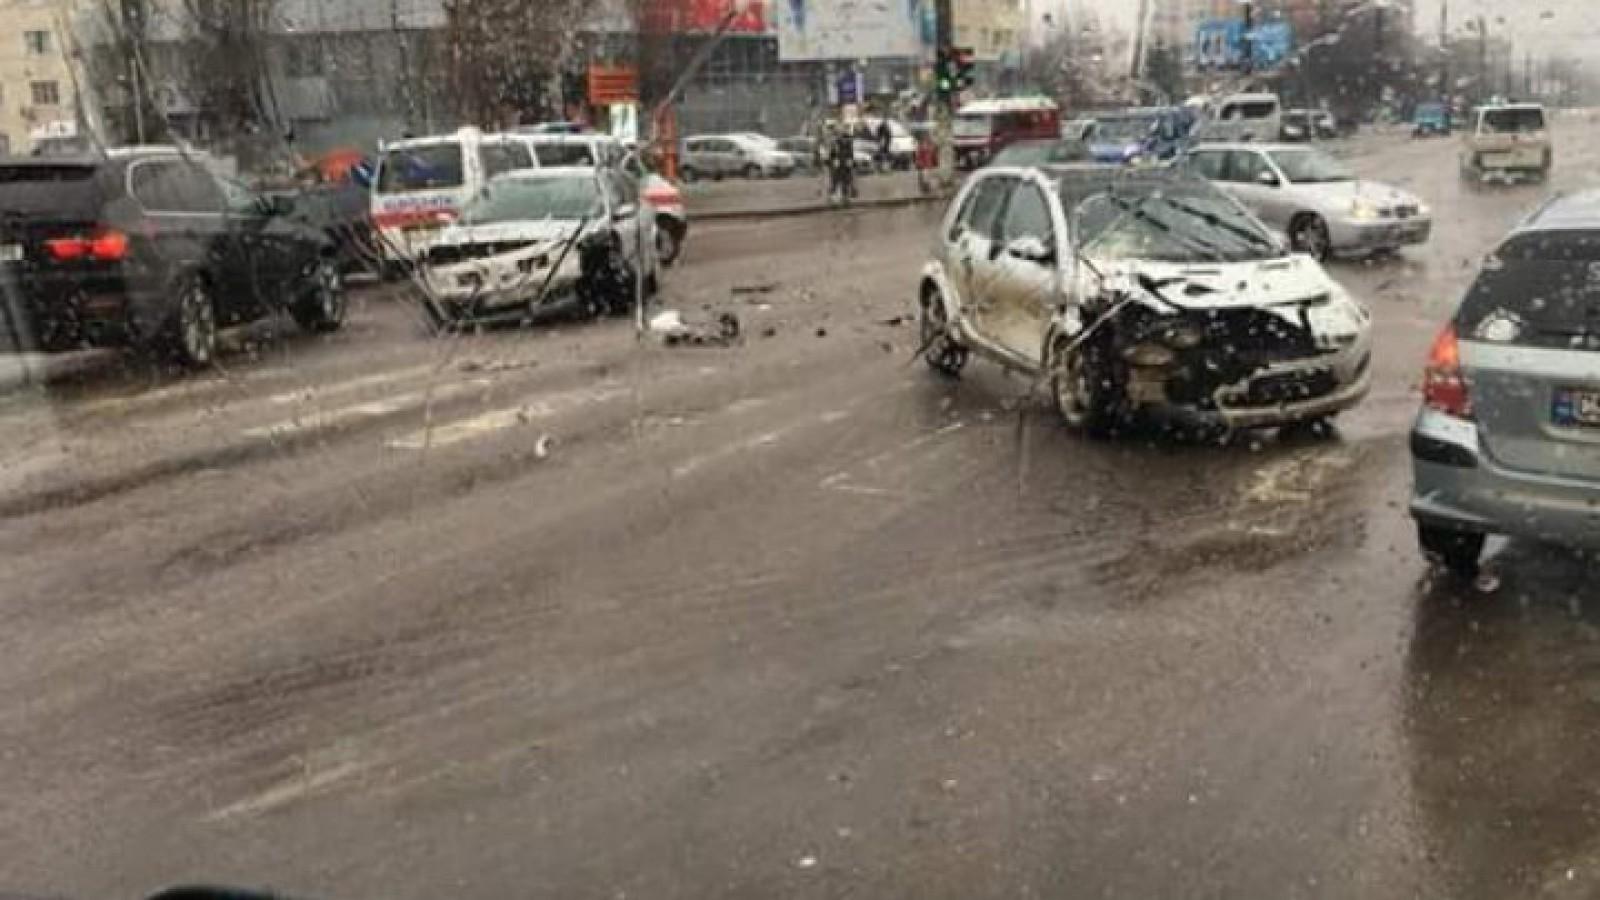 Ужасное ДТП на Алба-Юлия: в одной из машин был ребенок (ФОТО)